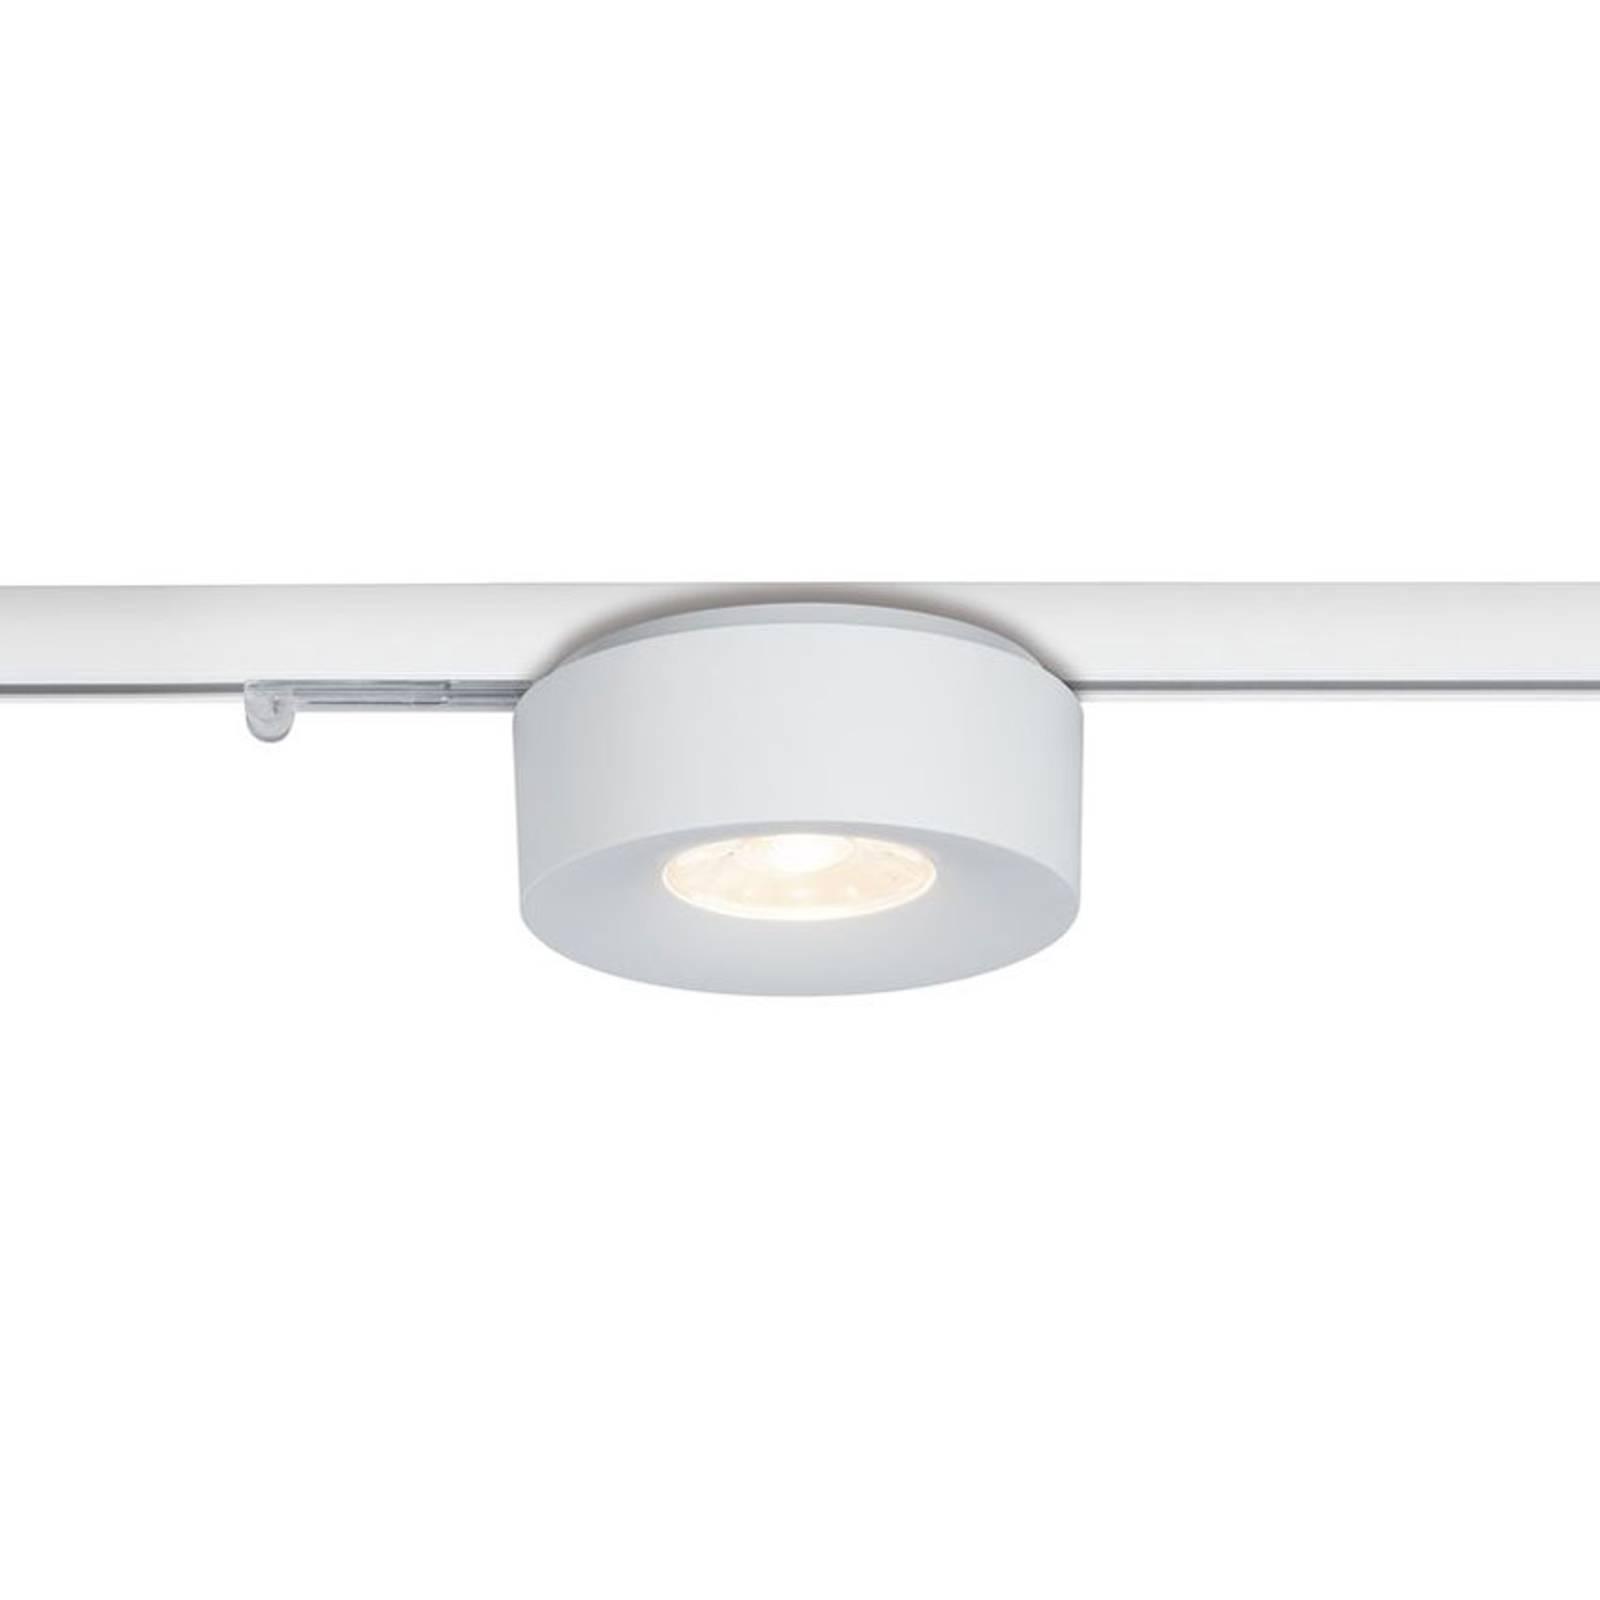 Paulmann NanoRail Lagu -LED-alasvalo valkoinen